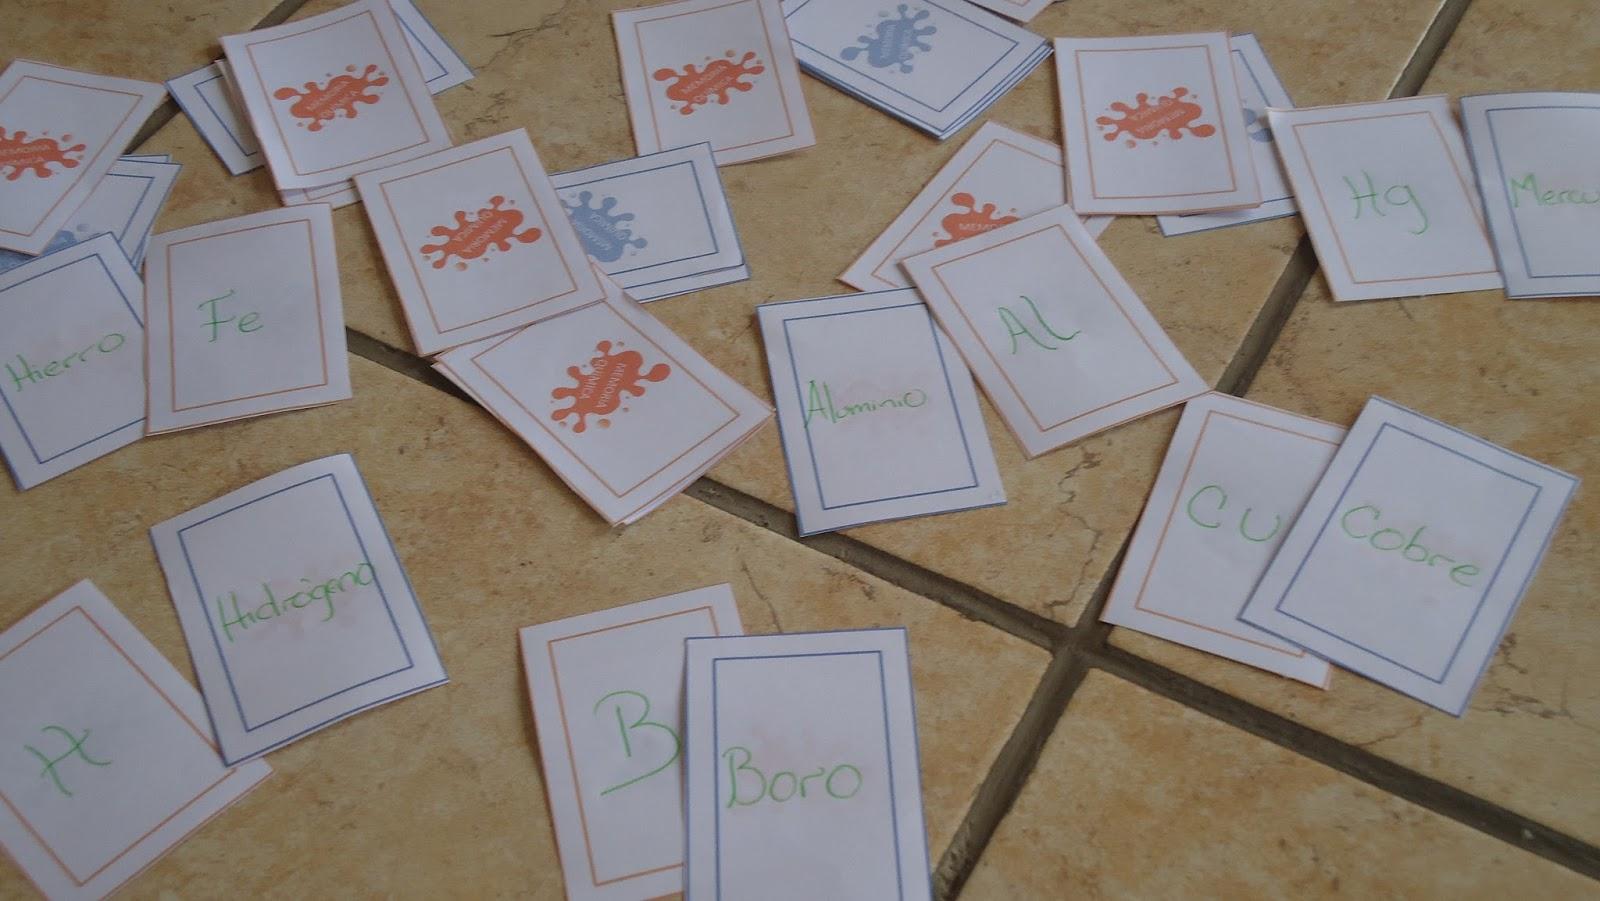 Memoria qumica juego memoria qumica este juego es una innovacin para iniciar el tema de nomenclatura qumica con el cual los estudiantes jugando aprendan el nombre y abreviatura del urtaz Gallery